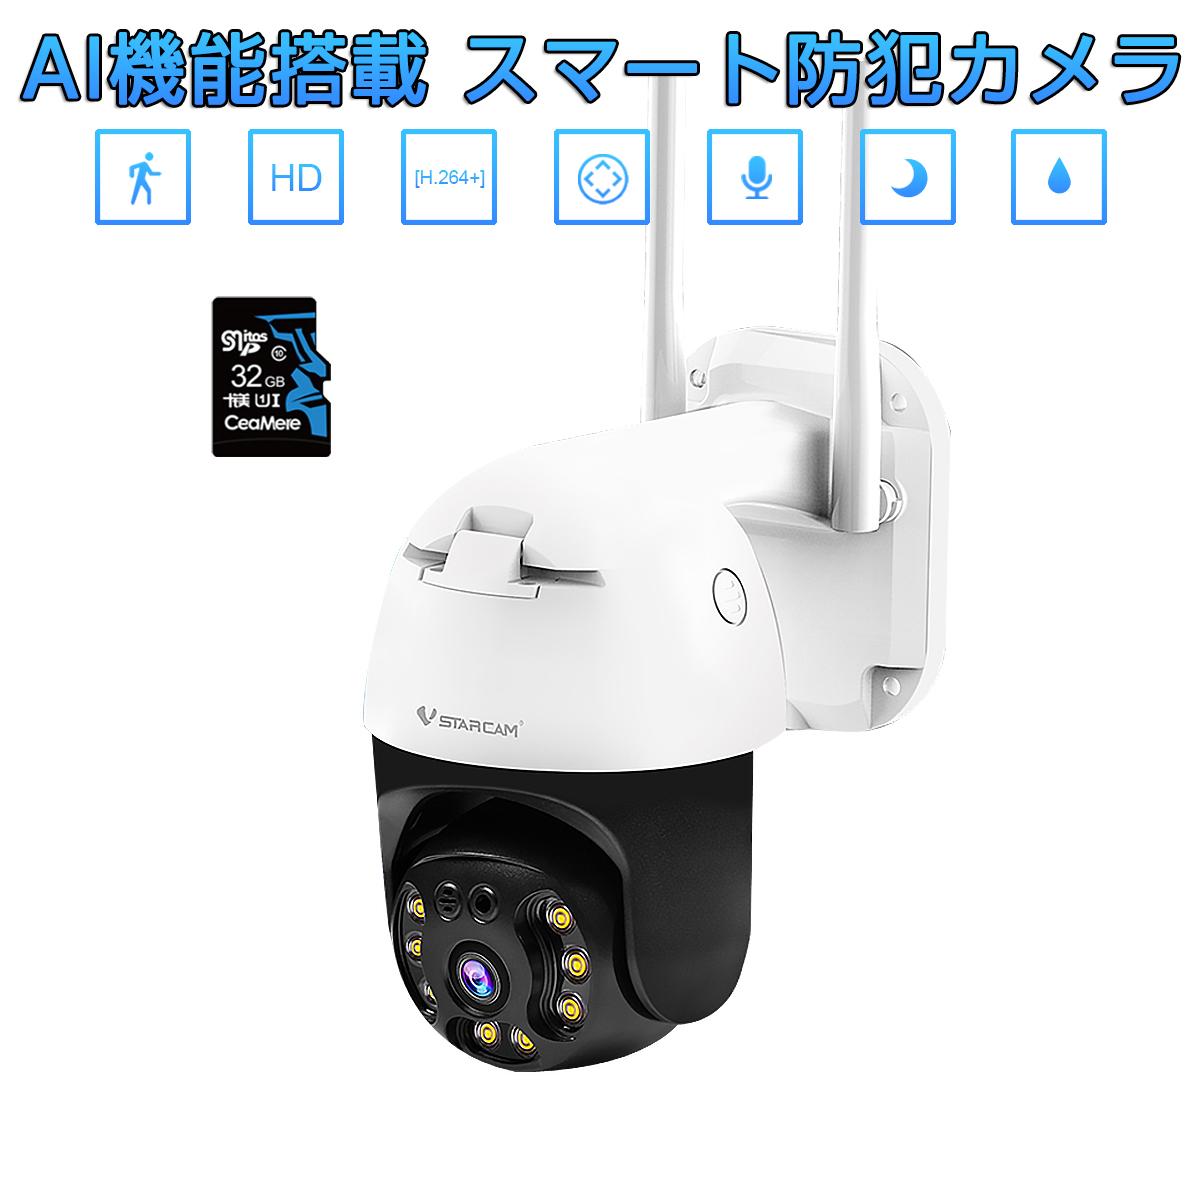 防犯カメラ ワイヤレス CS64 SDカード32GB同梱モデル VStarcam 2K 1296p 300万画素 夜でもフルカラー録画 人体検知 動体検知 ONVIF対応 ペット wifi 無線 APモード MicroSDカード録画 録音 遠隔監視 ネットワーク 屋内外兼用 IP カメラ 宅配便送料無料 PSE 技適 6ヶ月保証